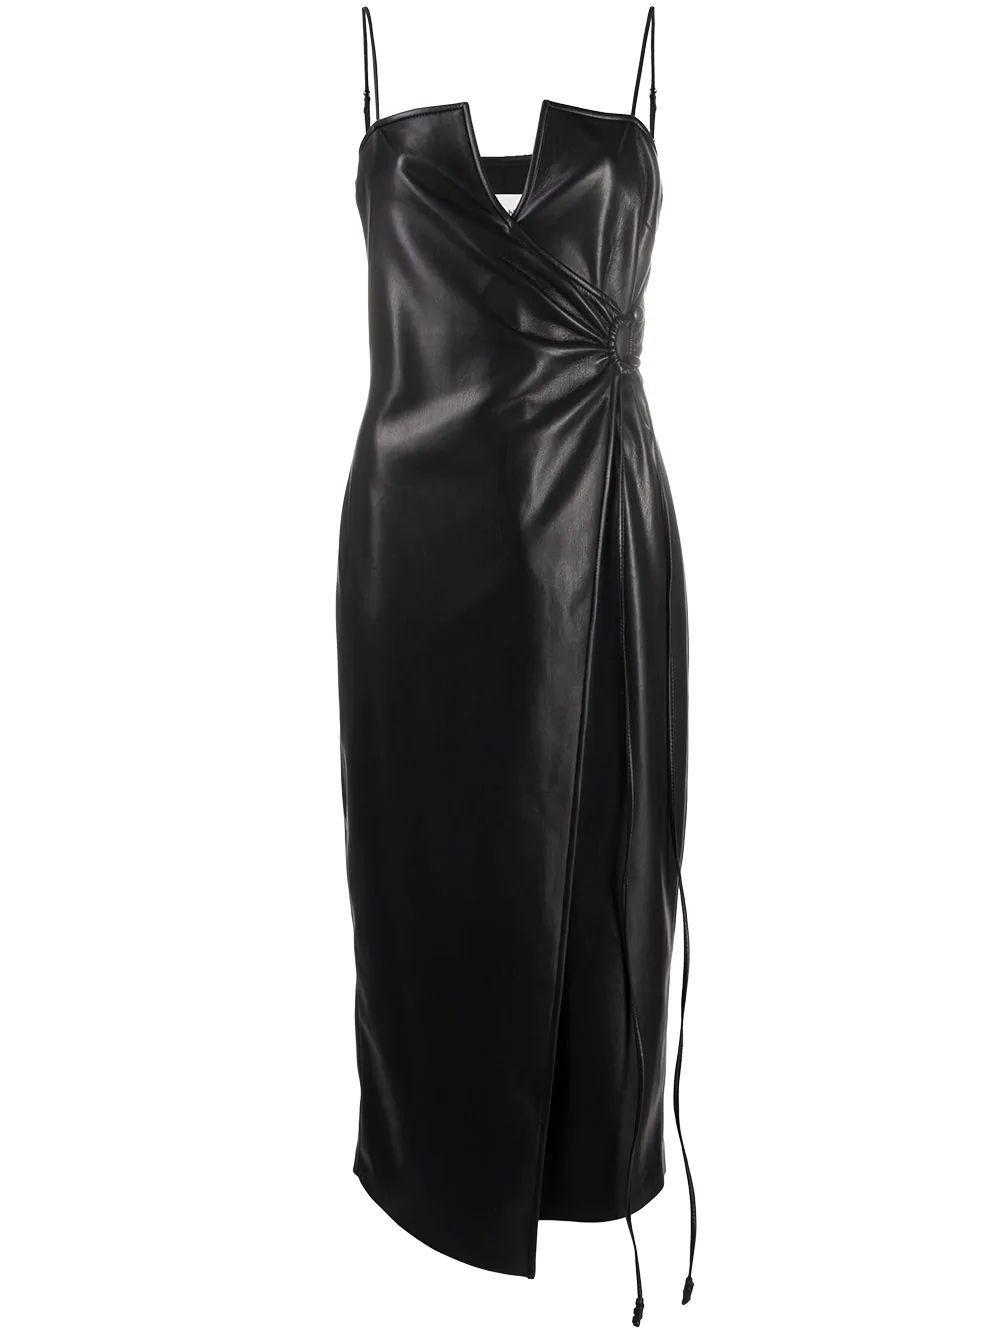 Anubi Faux Leather Wrap Dress Item # NW21SSDR03499